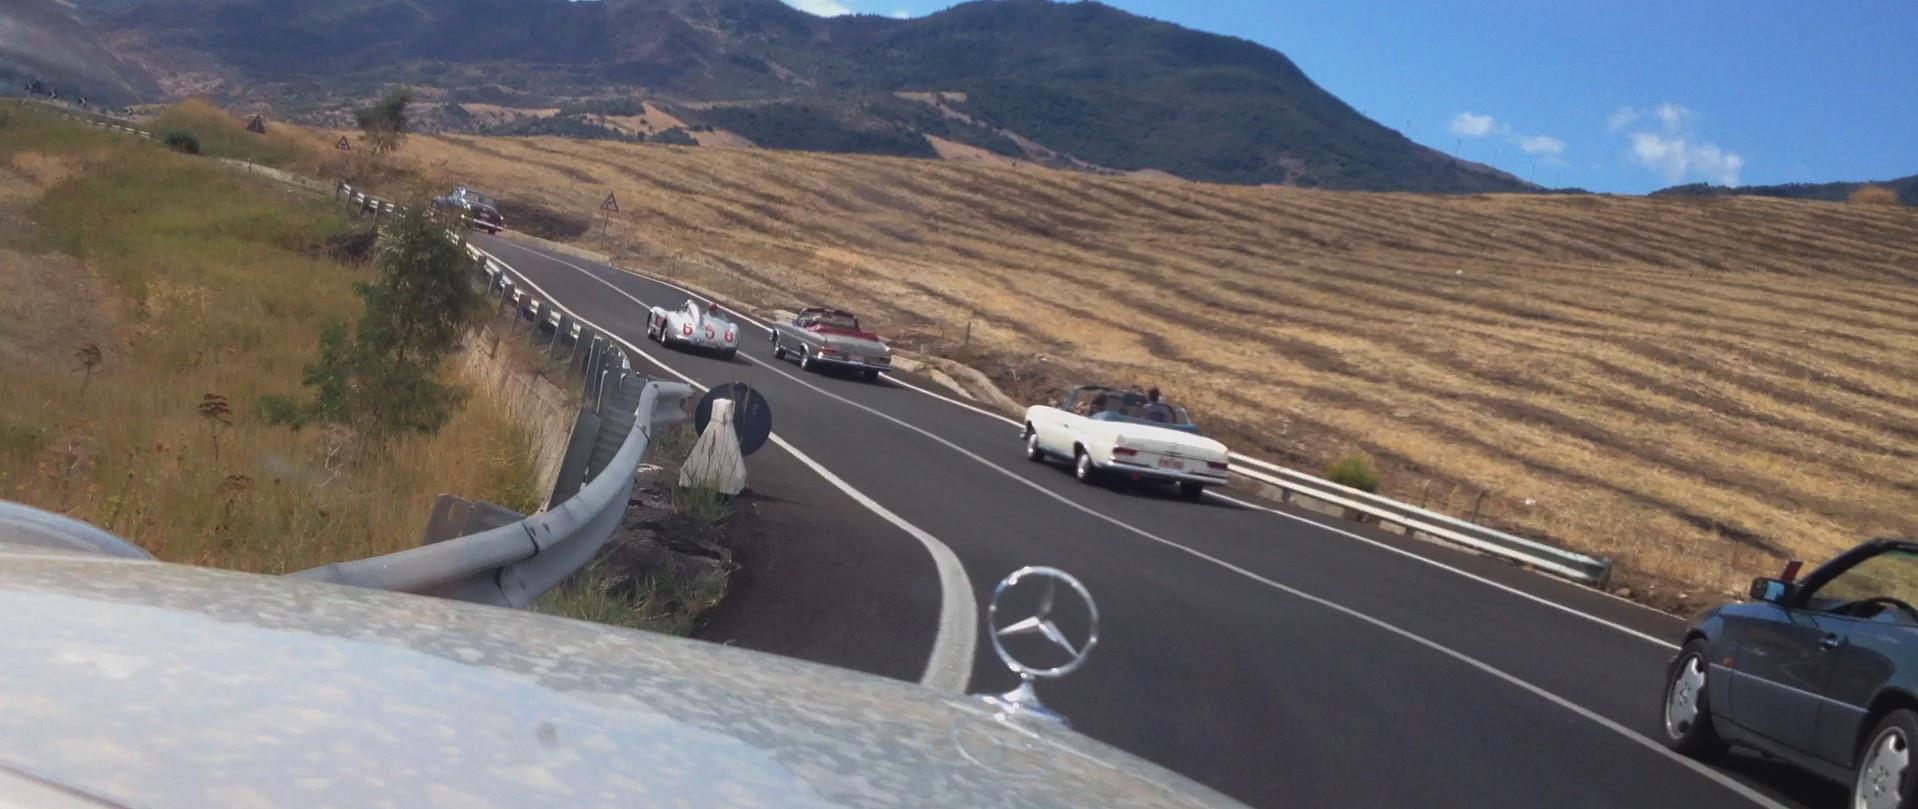 Road-Travel-Seven-Design-Travel-11.jpg